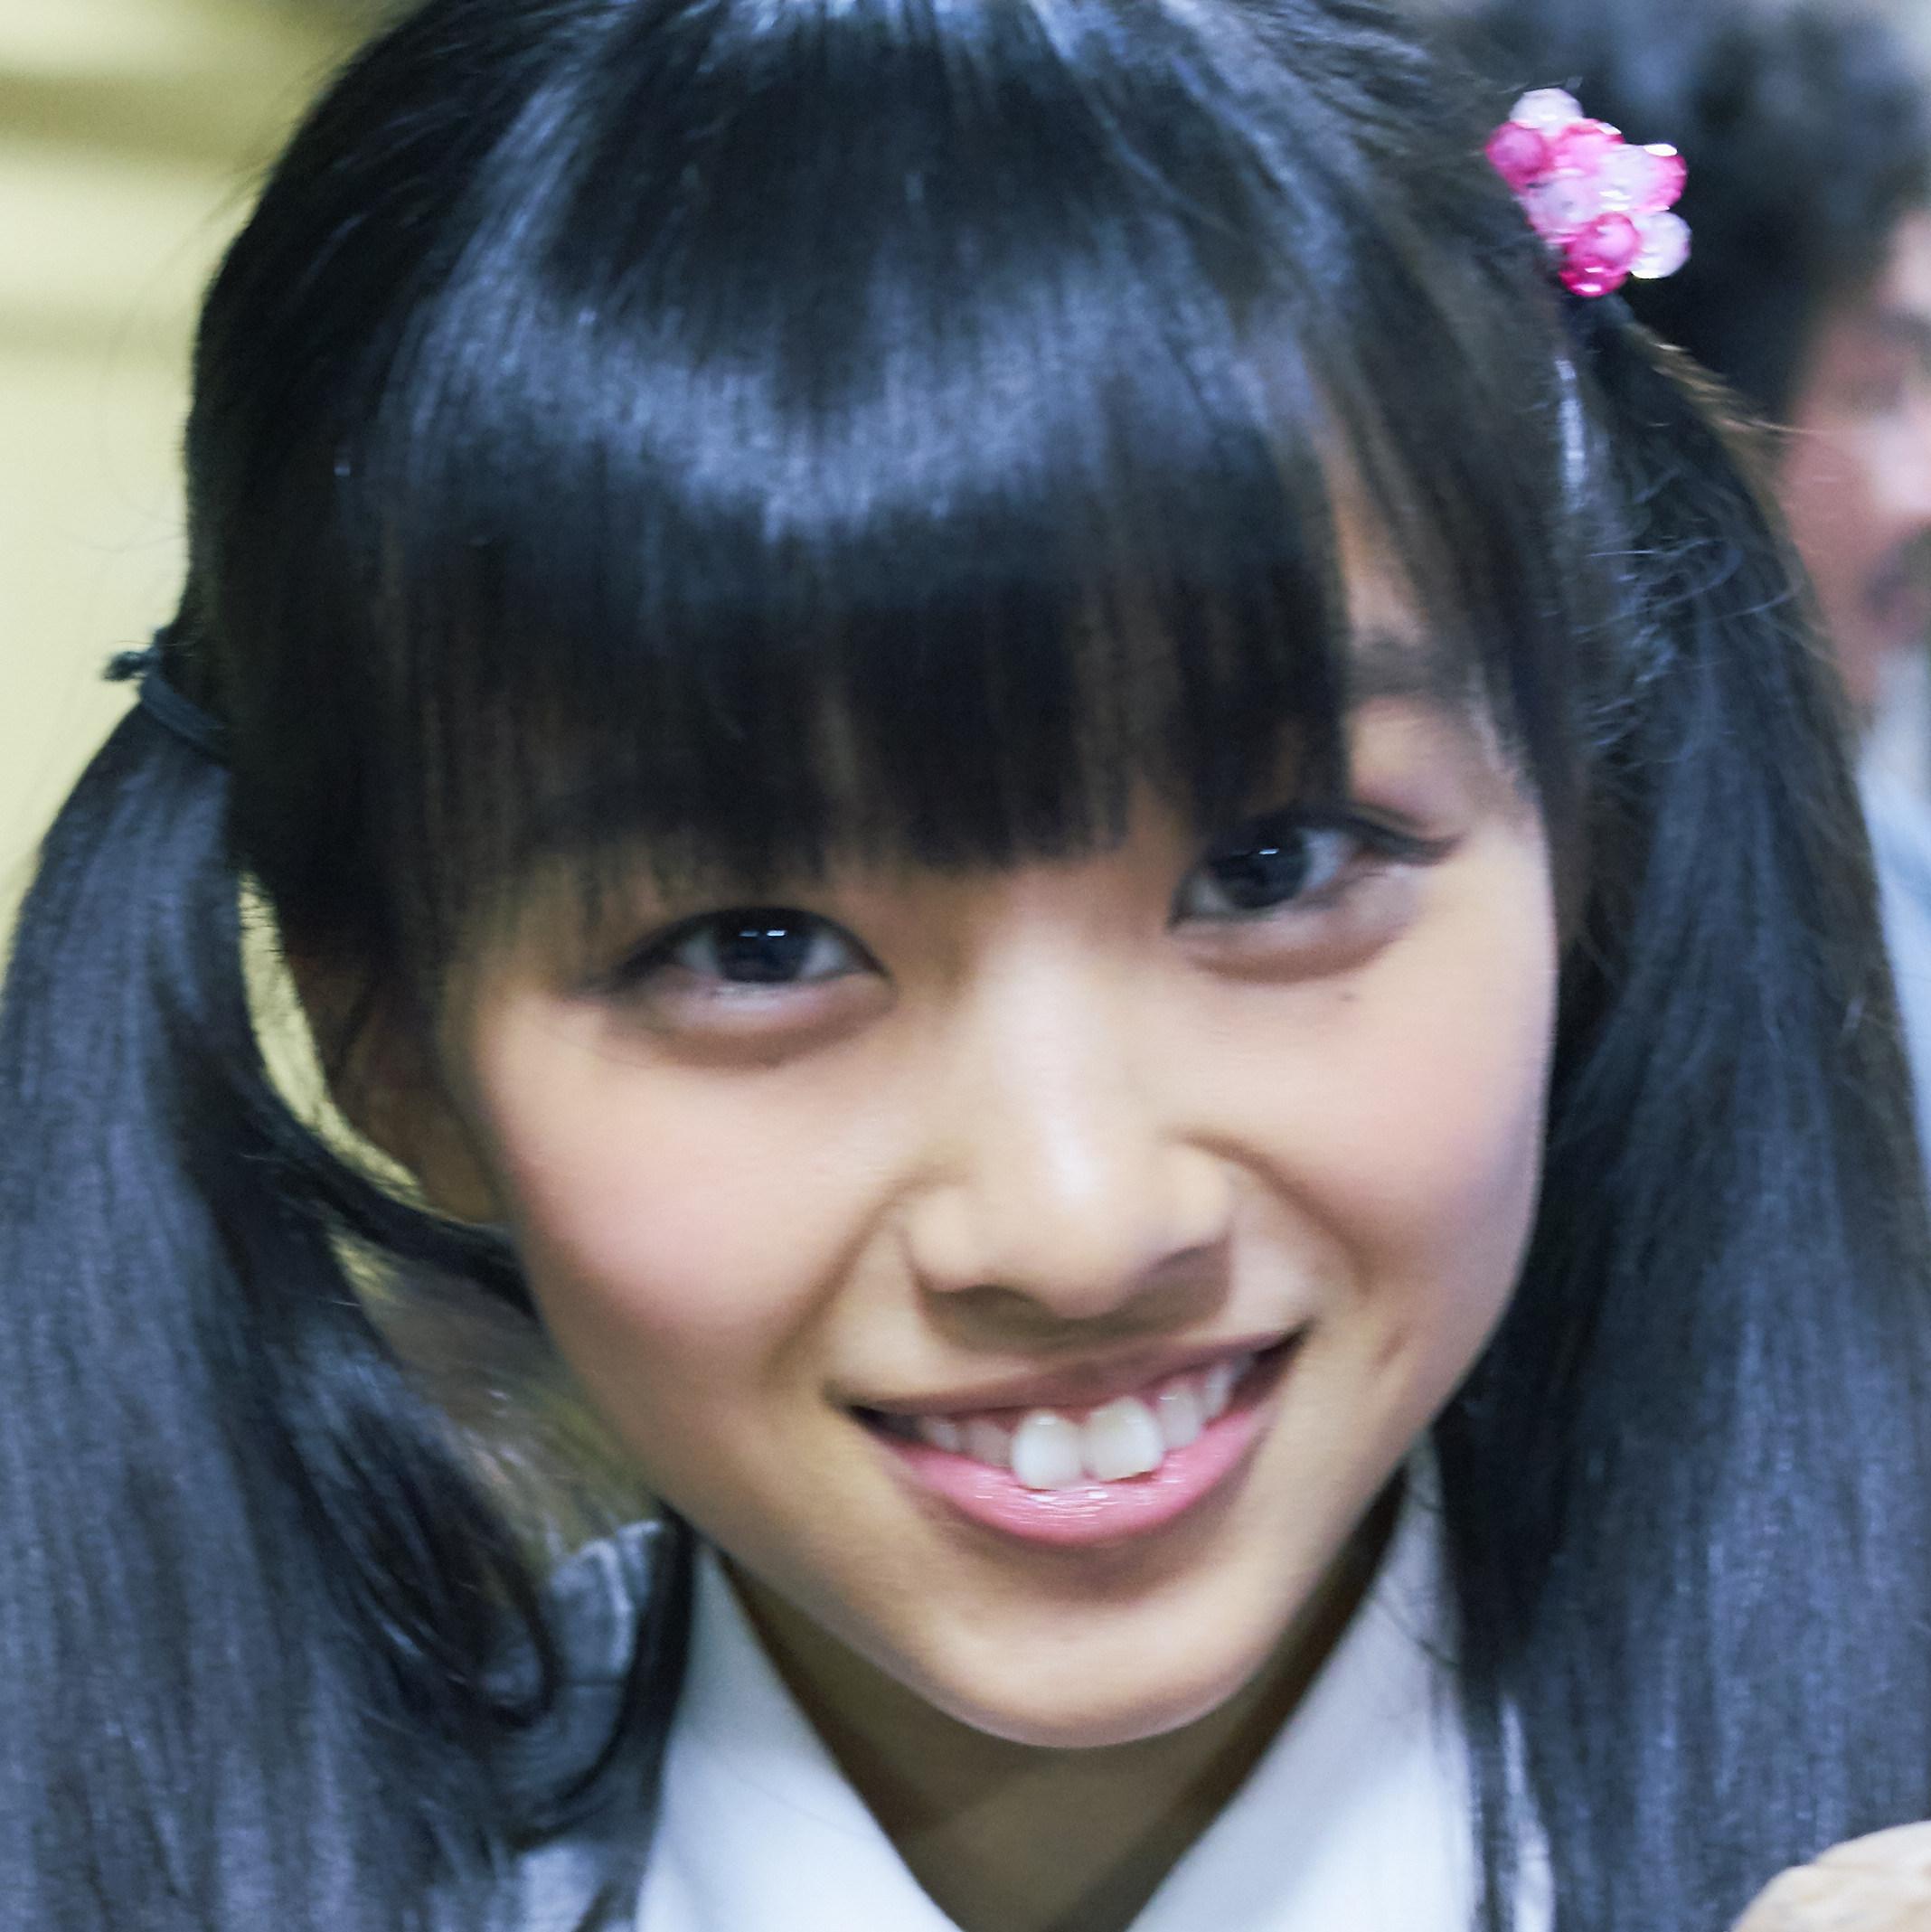 欅坂46・原田葵さん<br />「ツインテールはちょっと恥ずかしかったです…」